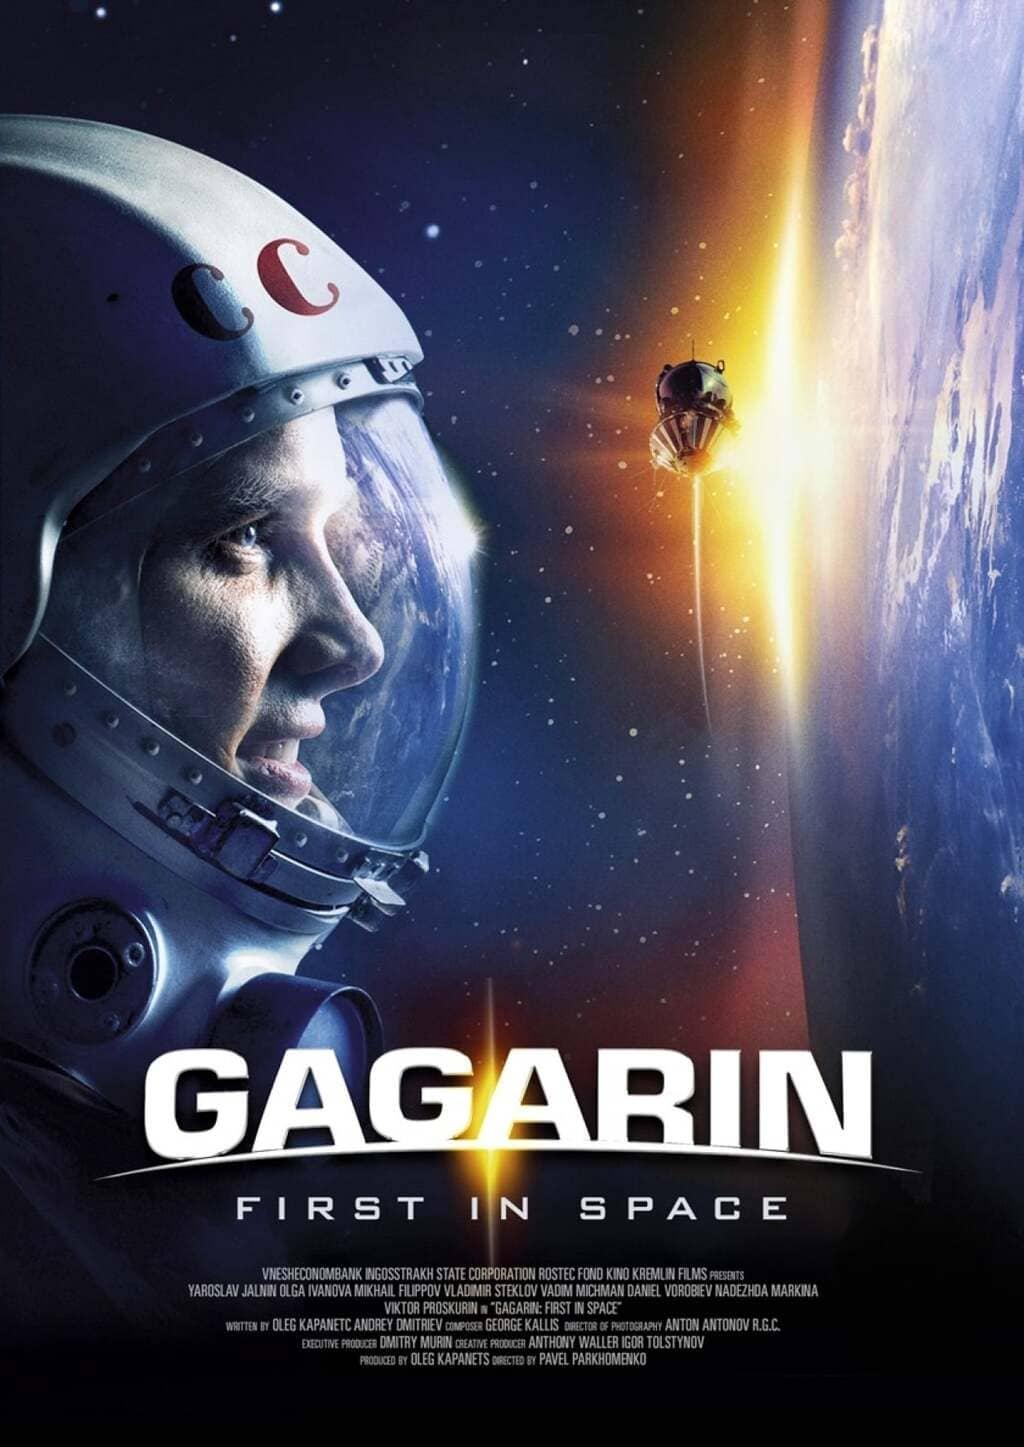 phim gagarin người đầu tiên đi vào vũ trụ